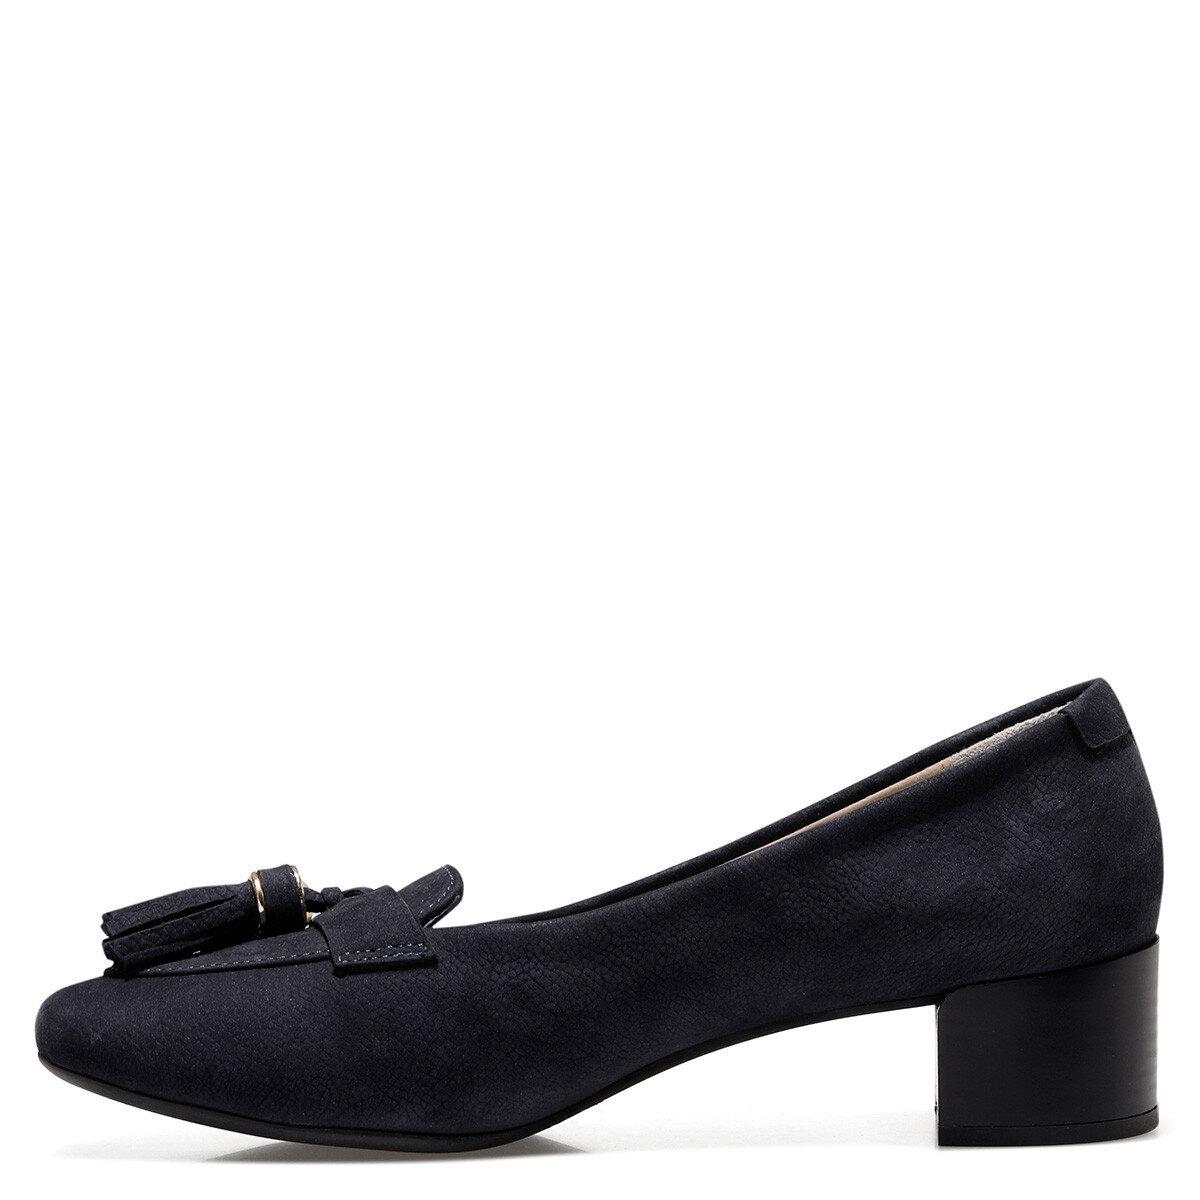 MOSSE Lacivert Kadın Klasik Topuklu Ayakkabı